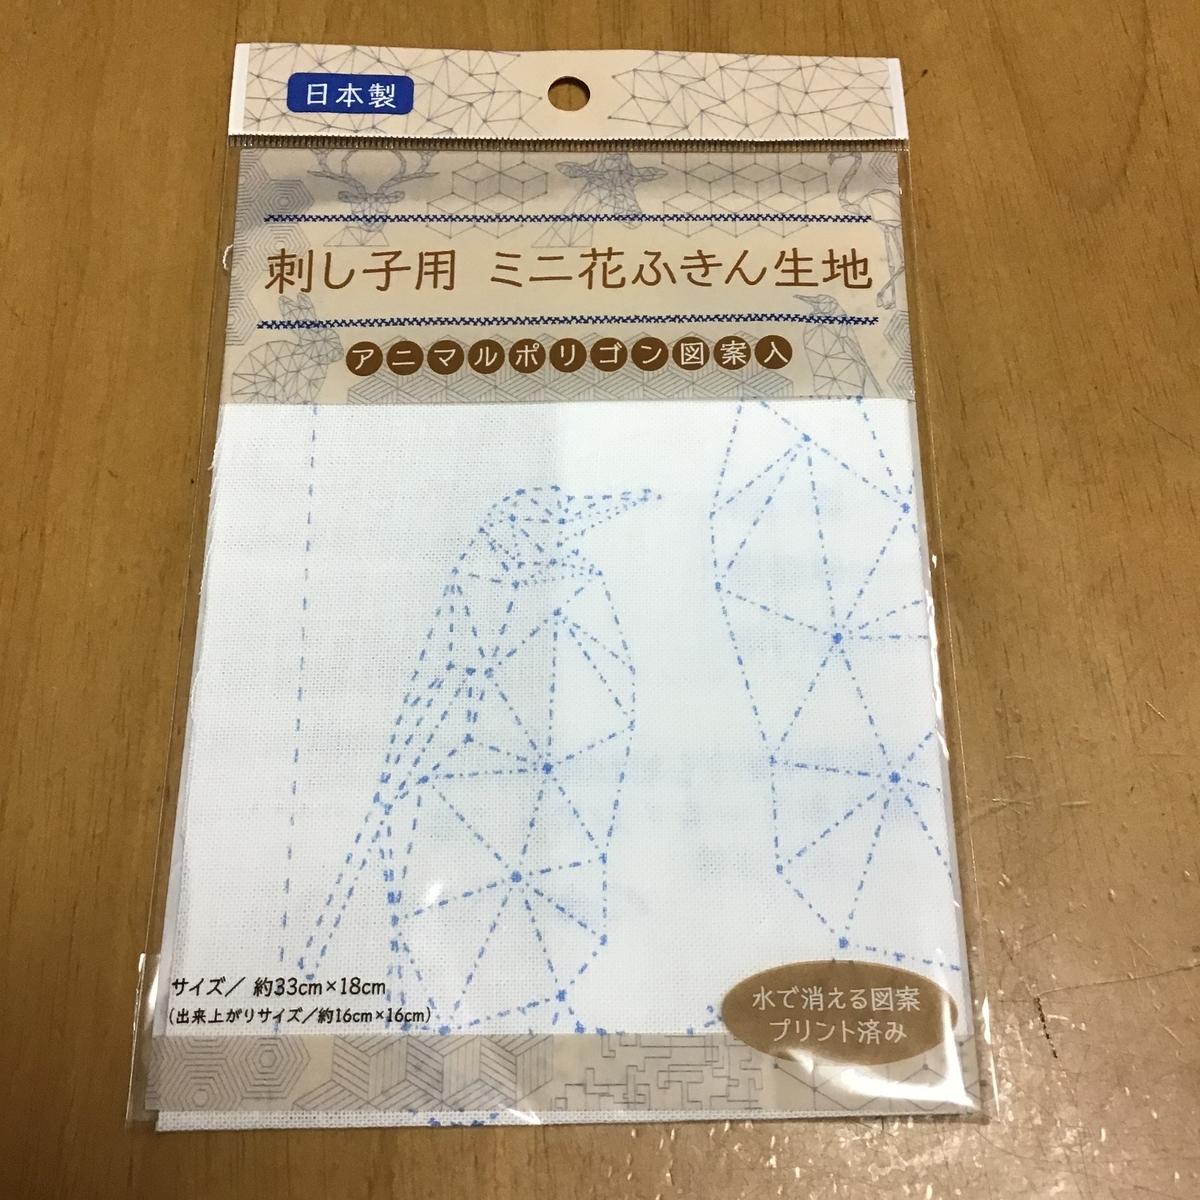 f:id:kintoreokan:20200204082116j:plain